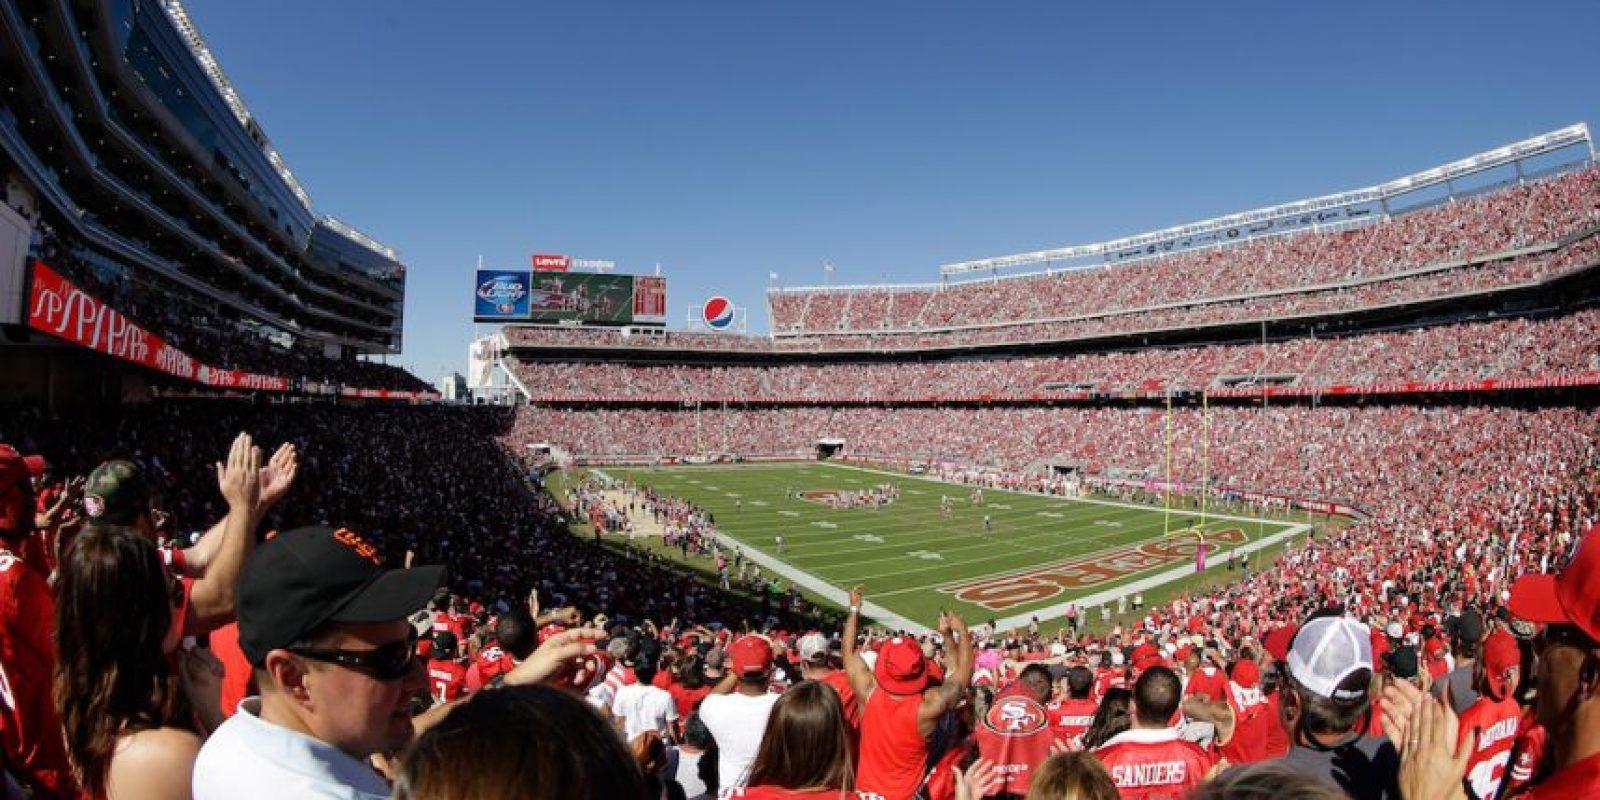 Cada asistente al Levi's Stadium gastará un promedio de 430 dólares entre bebidas, comida y souvenirs. Foto:Getty Images